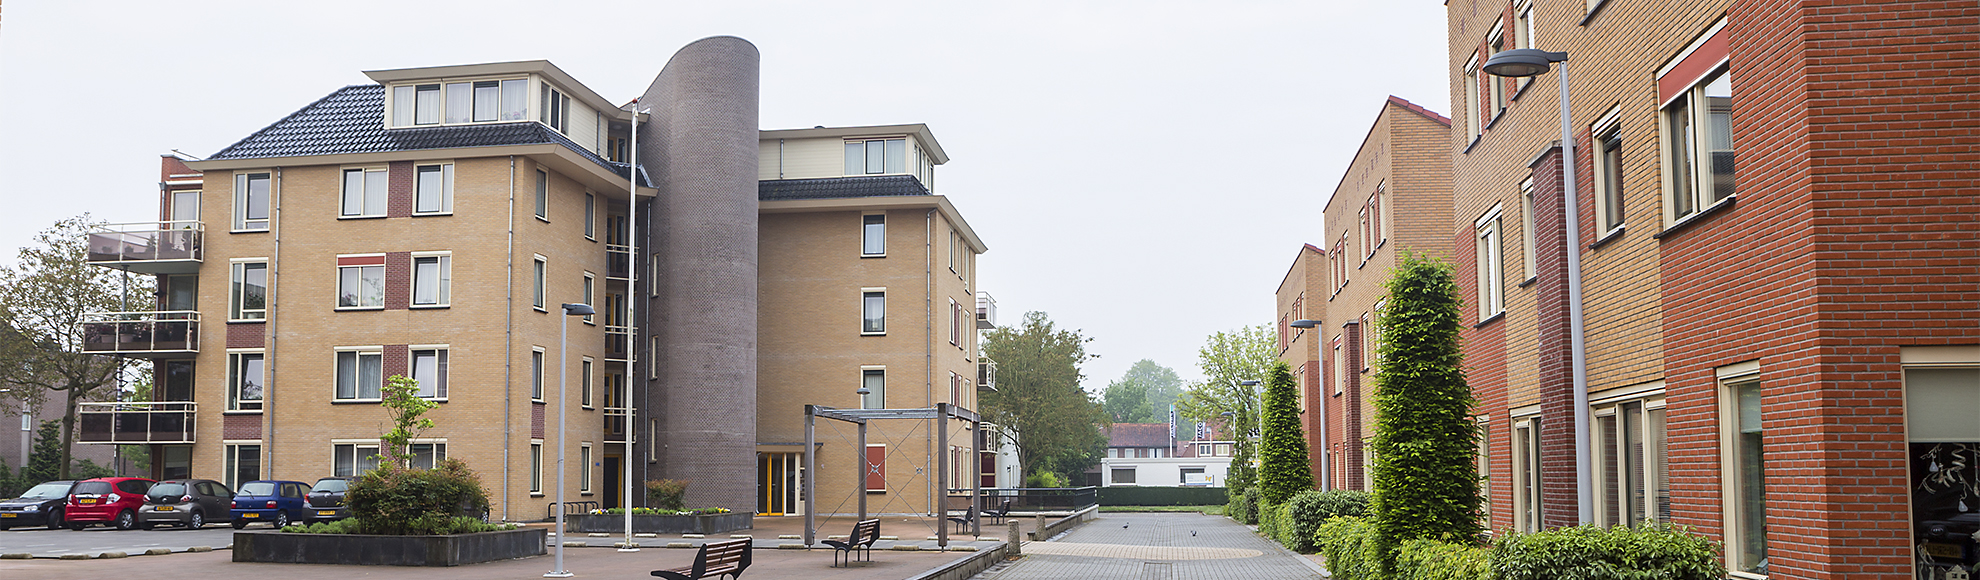 Nieuwbouw vastgoed Stegeman hupsen appartementen penthouse woningen